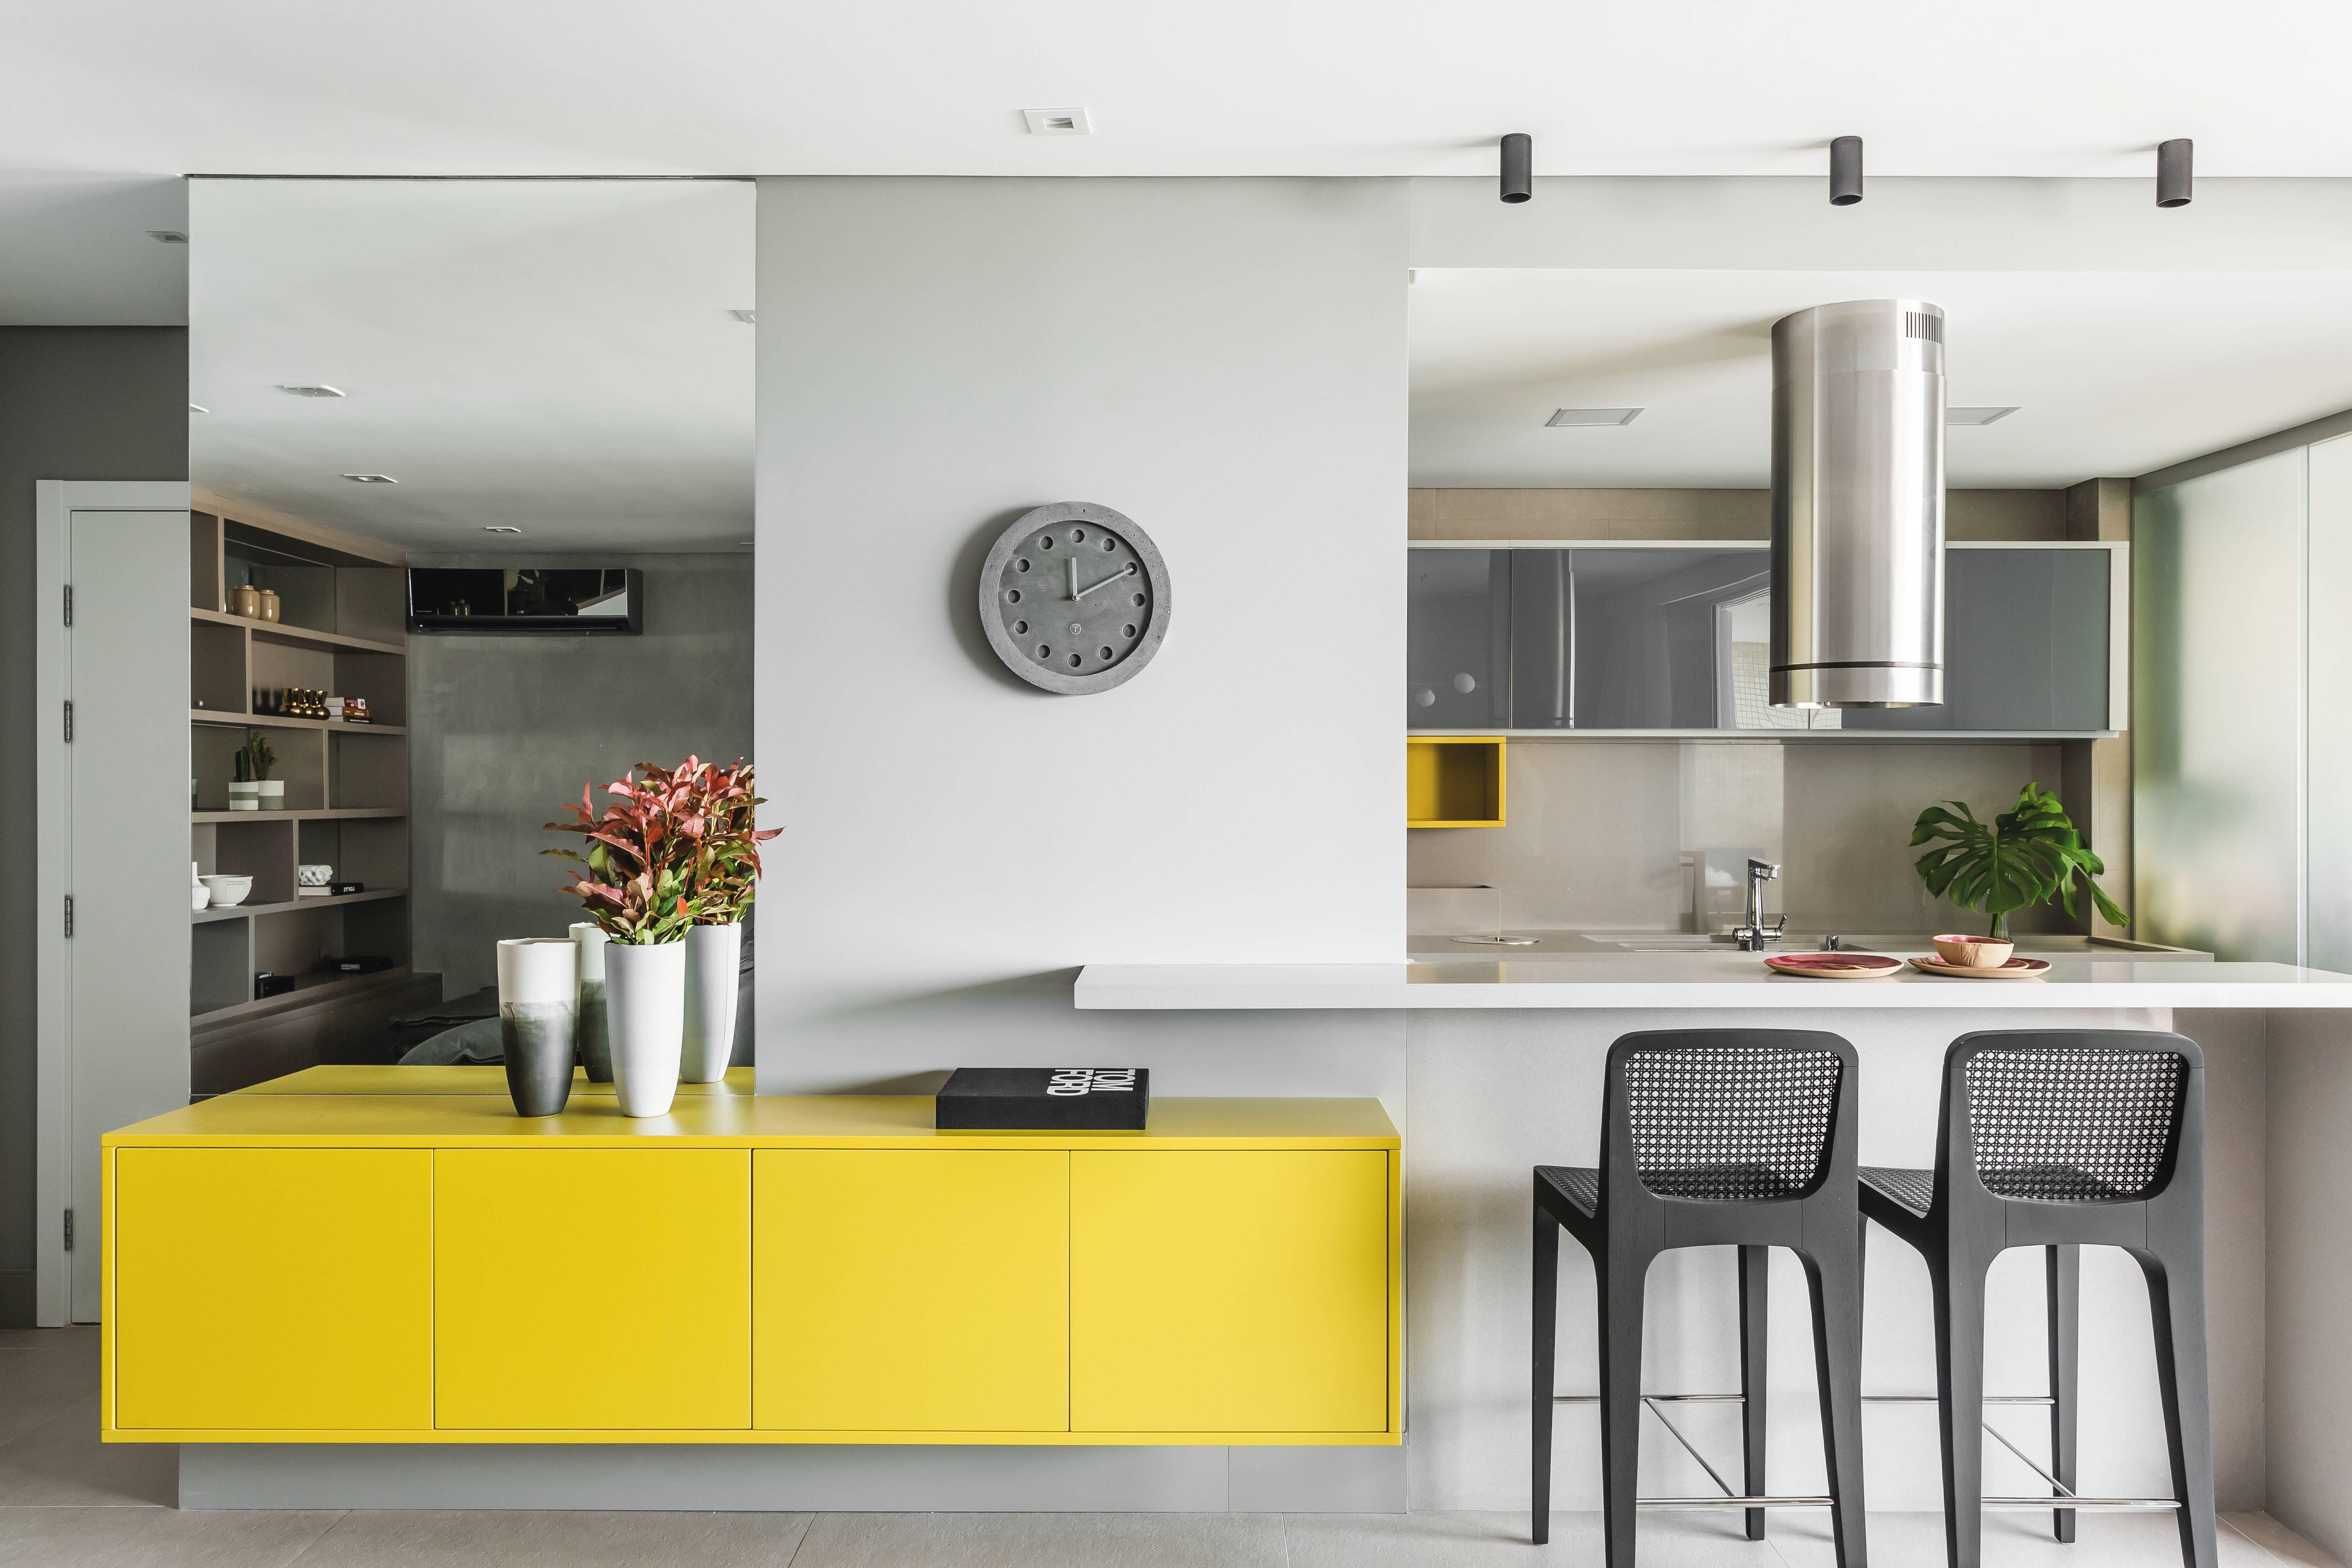 Amarelo é peça chave na consistência do design.